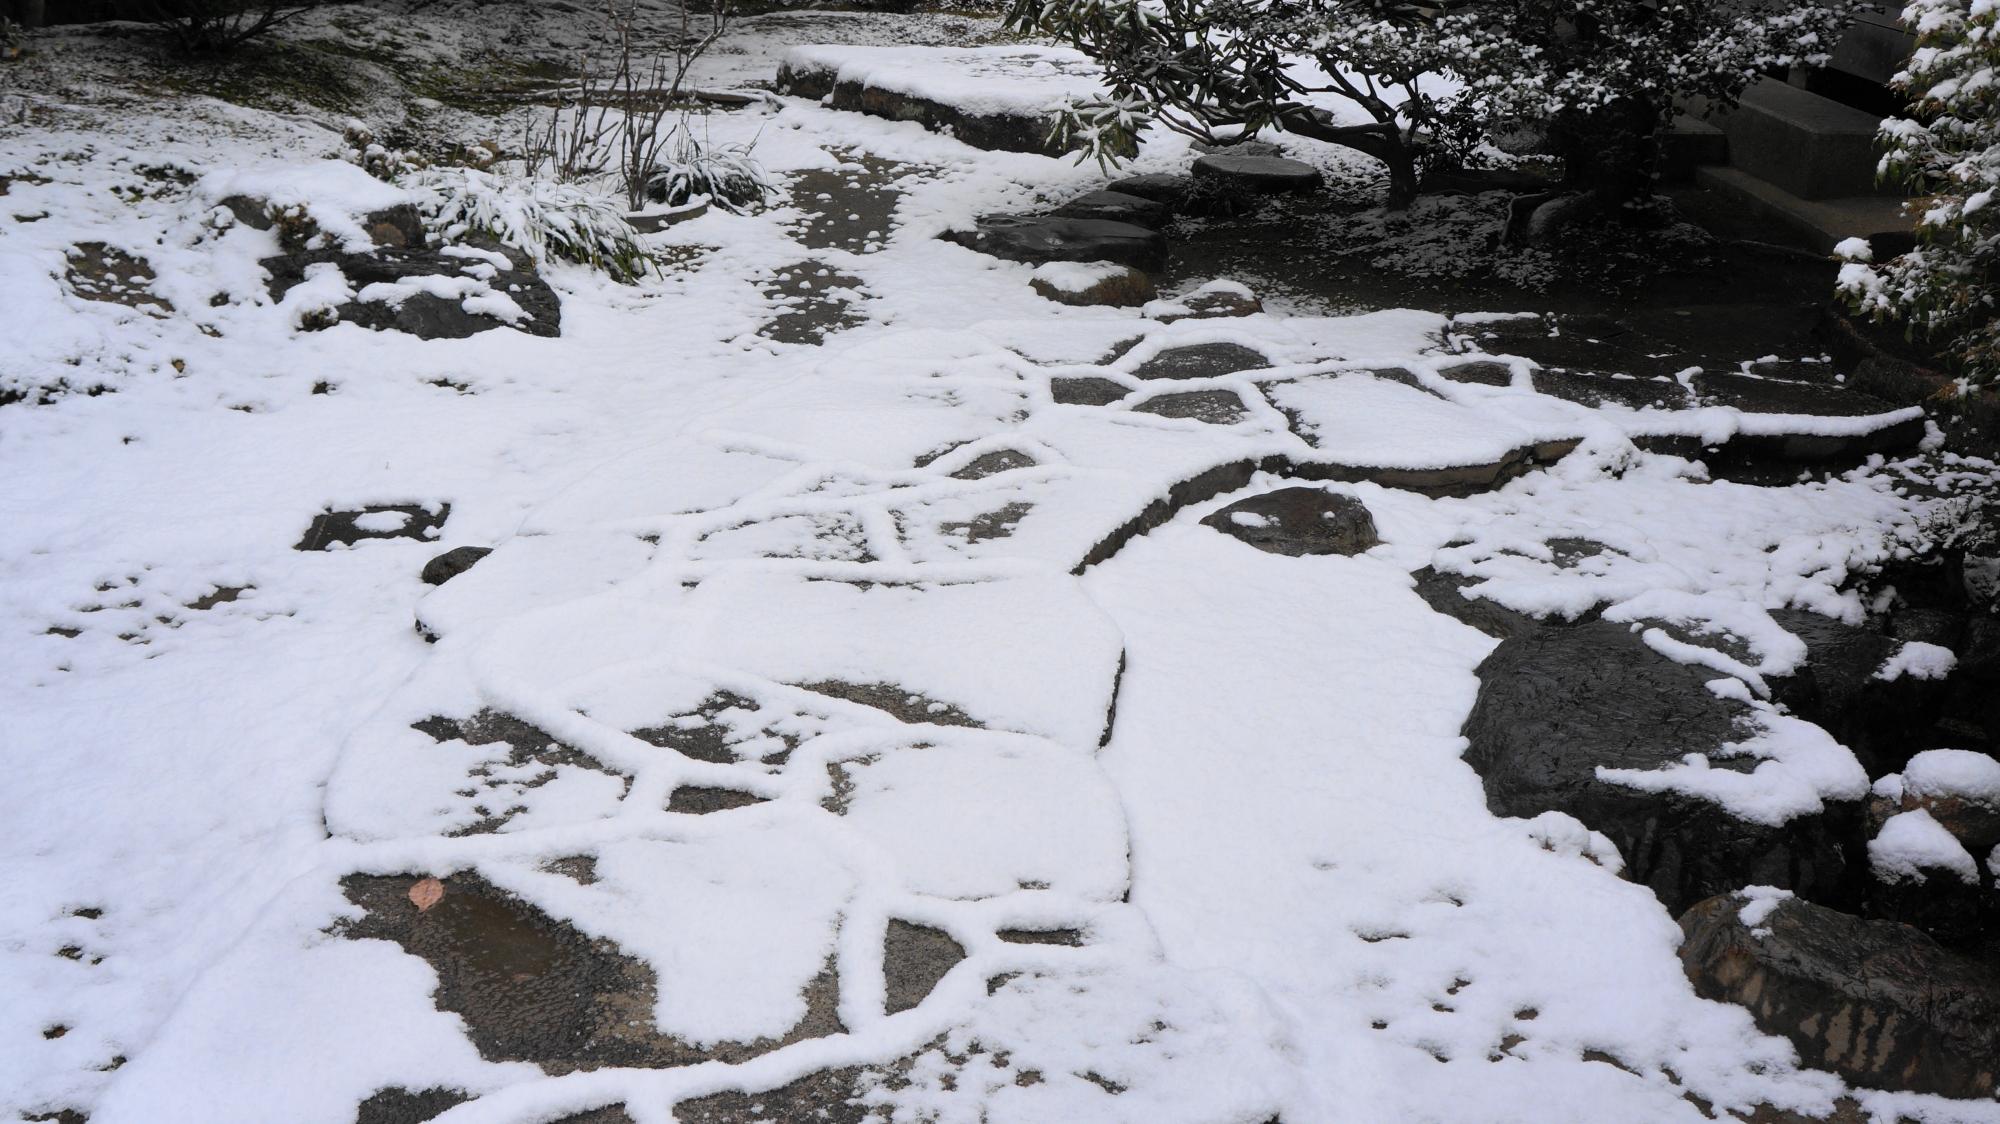 詩仙堂の雪に覆われた石の参道